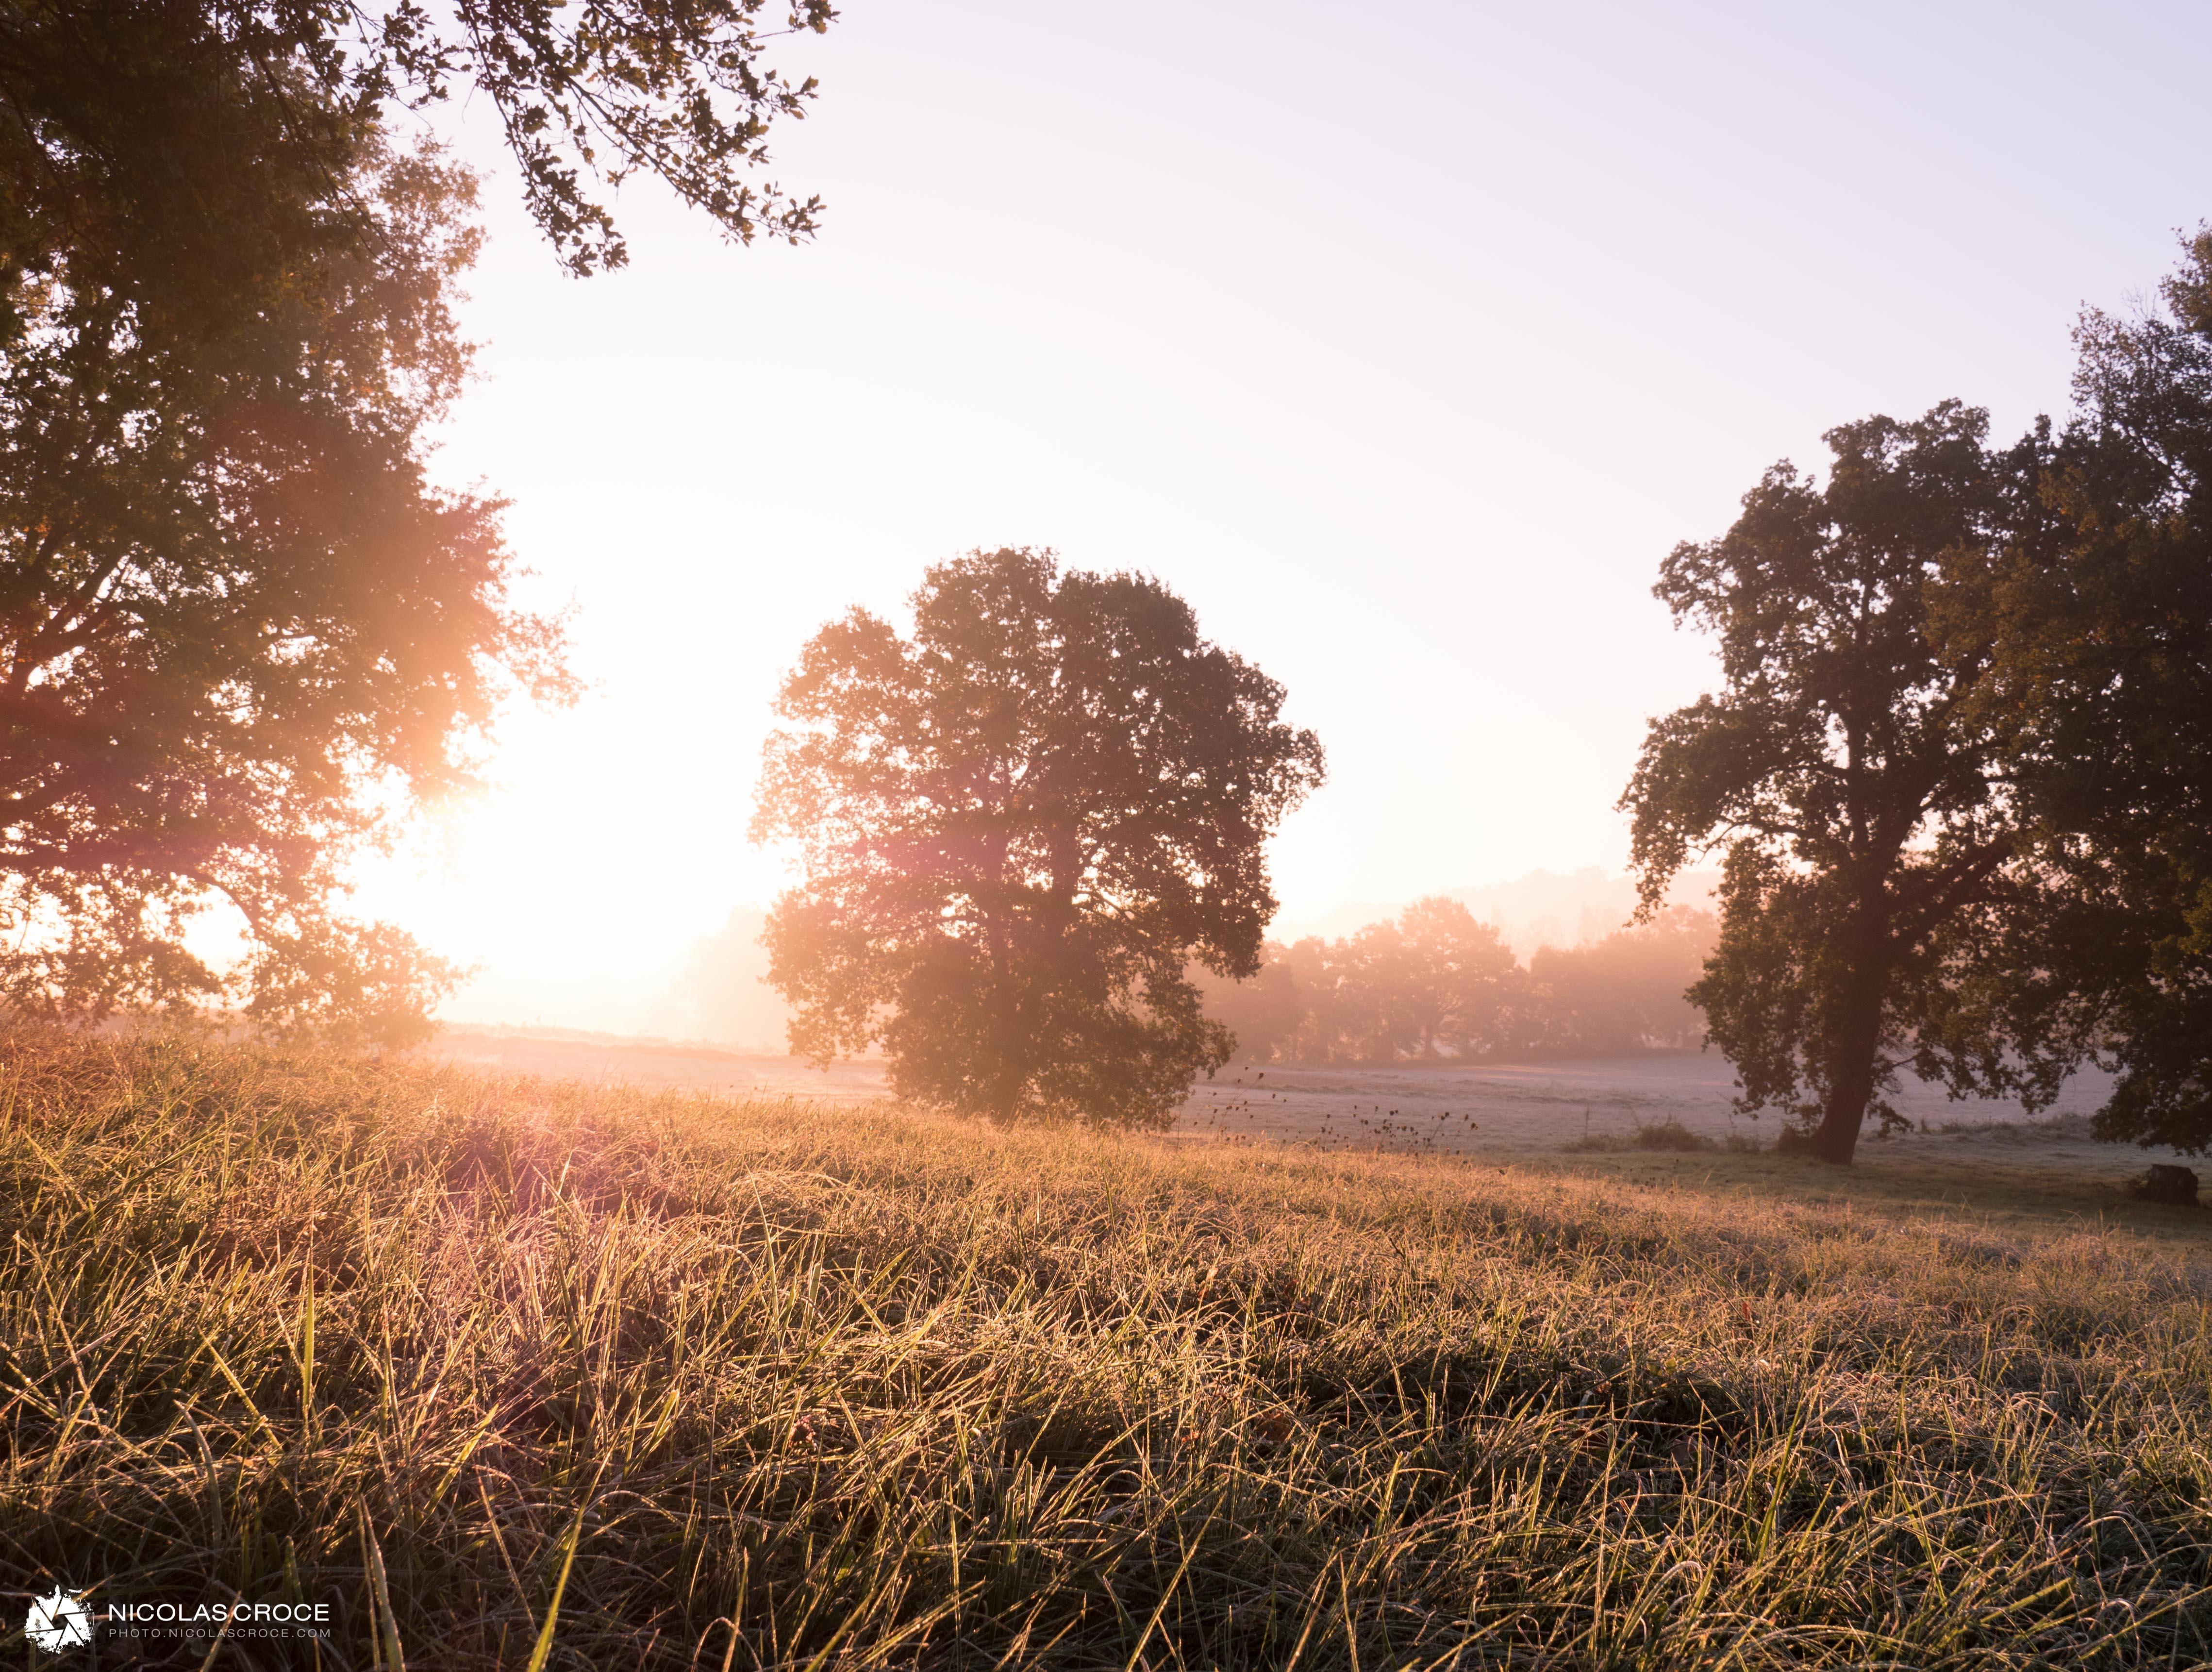 Ce matin, sur la route pour me rendre au bureau, je n'ai pas pu m'empêcher de m'arrêter pour prendre cette photo. Le soleil était en train de se lever sur les champs qui entourent notre nouvelle maison, et la première gelée de l'année créait de magnifiques reflets dans l'herbe verte.